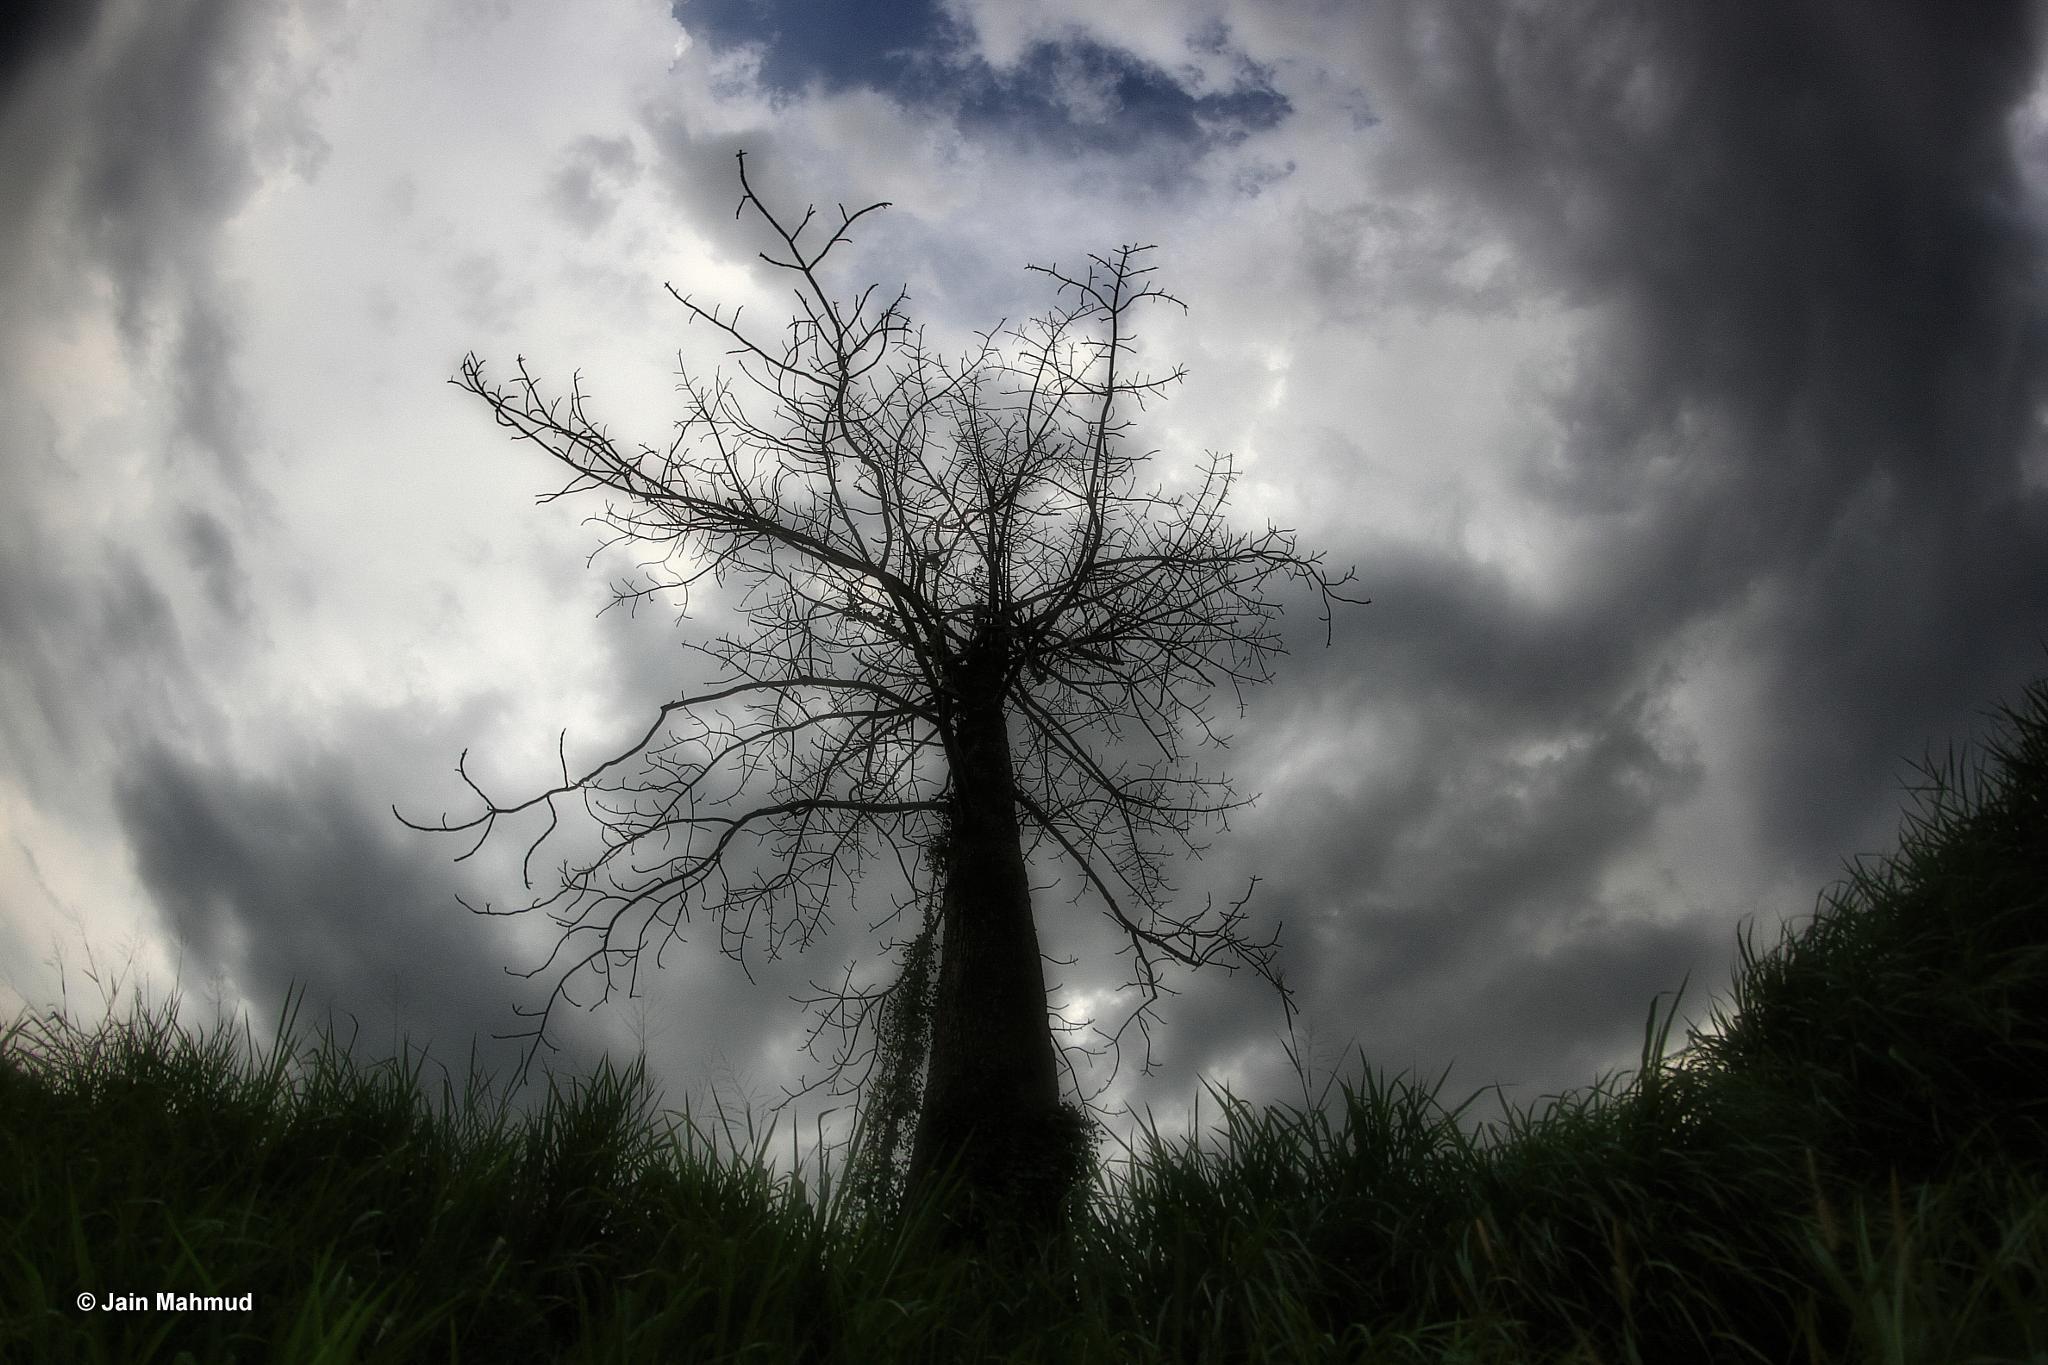 Cloud by jainmahmud